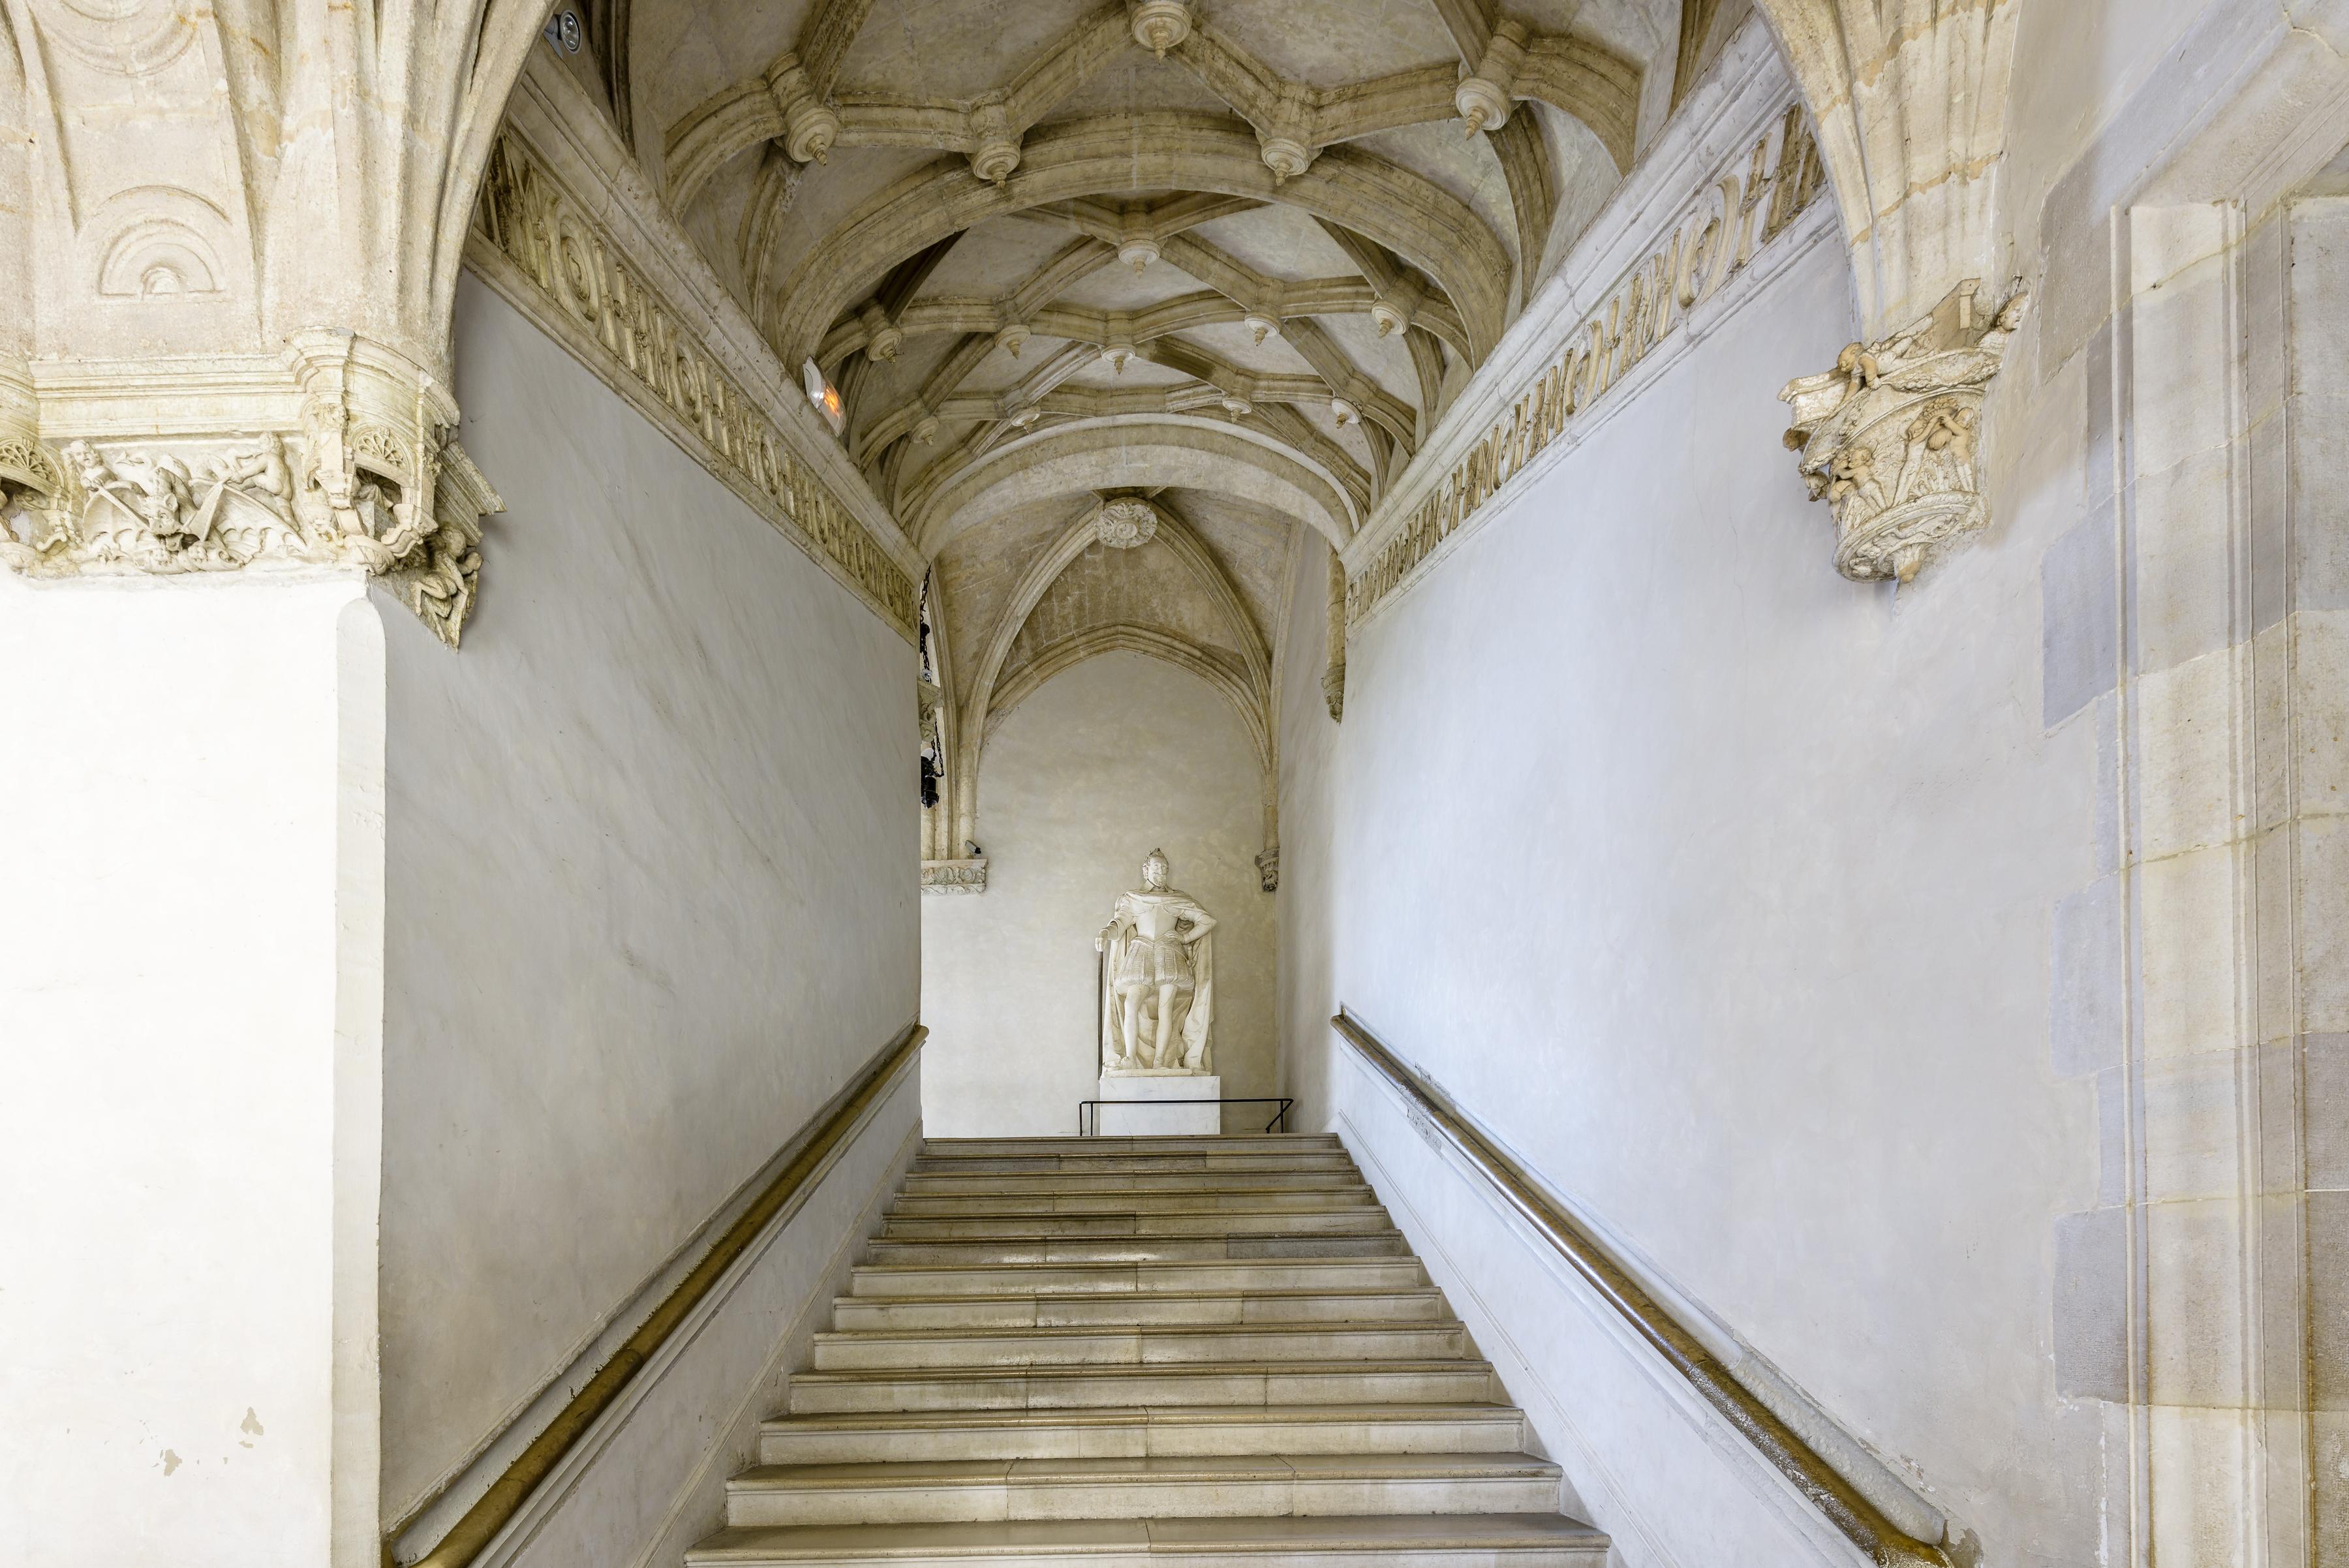 Vue d'ensemble de l'escalier d'honneur - Château de Pau